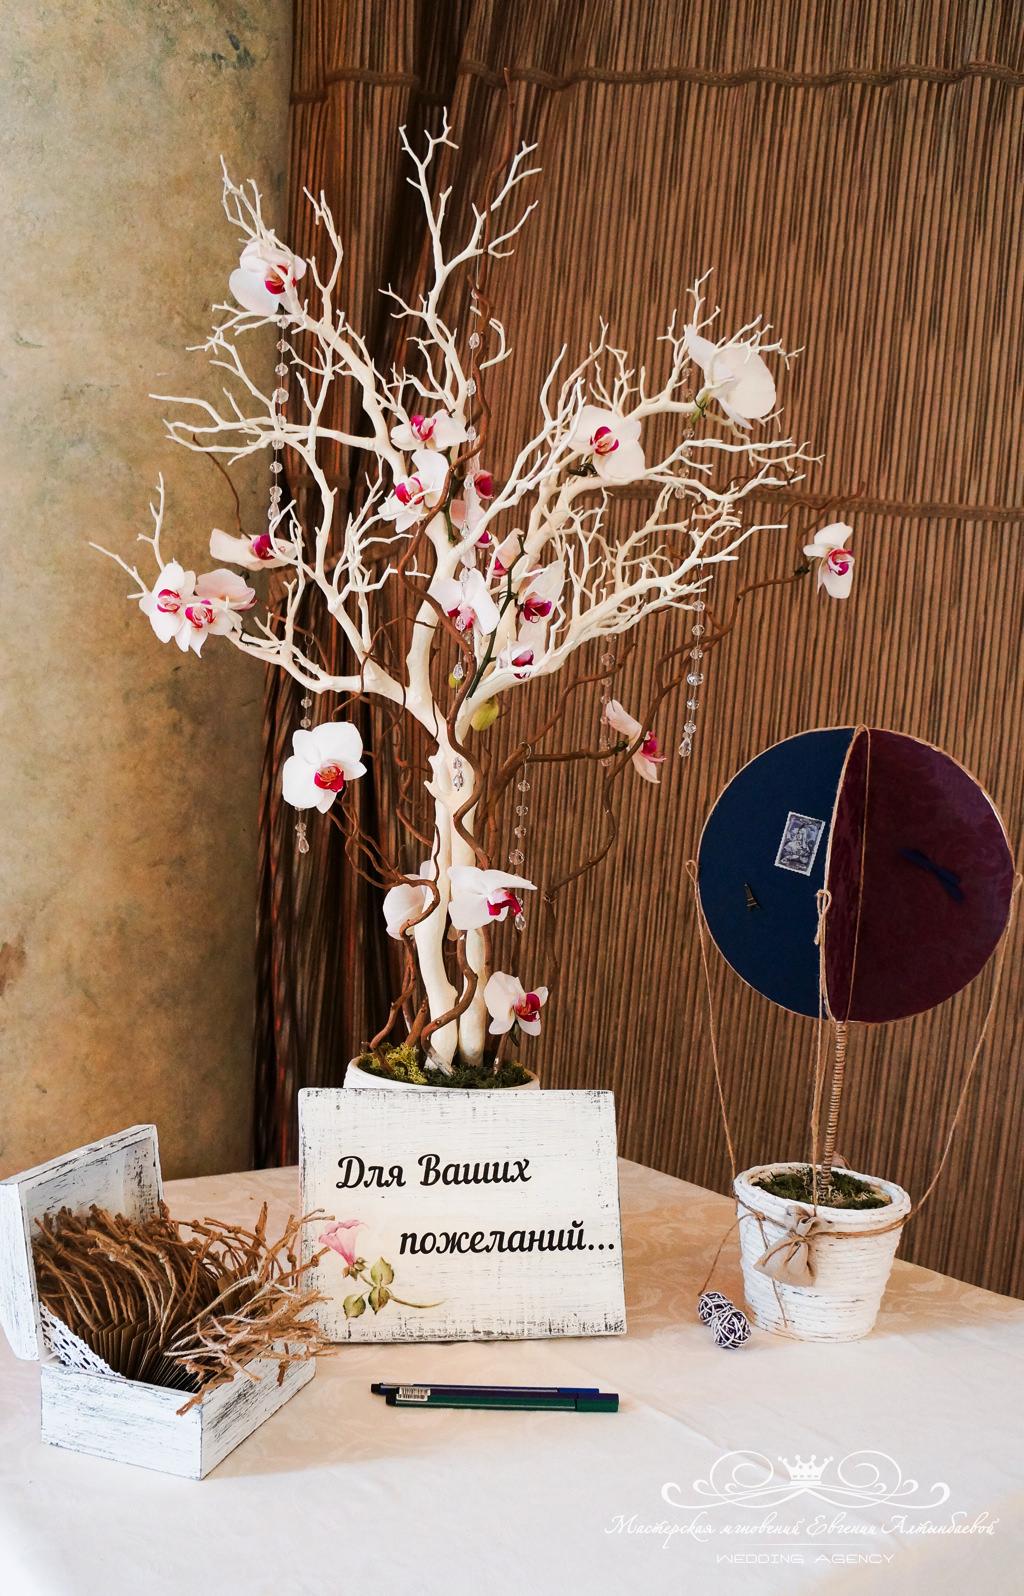 Дерево пожеланий на свадьбе в Летнем дворце